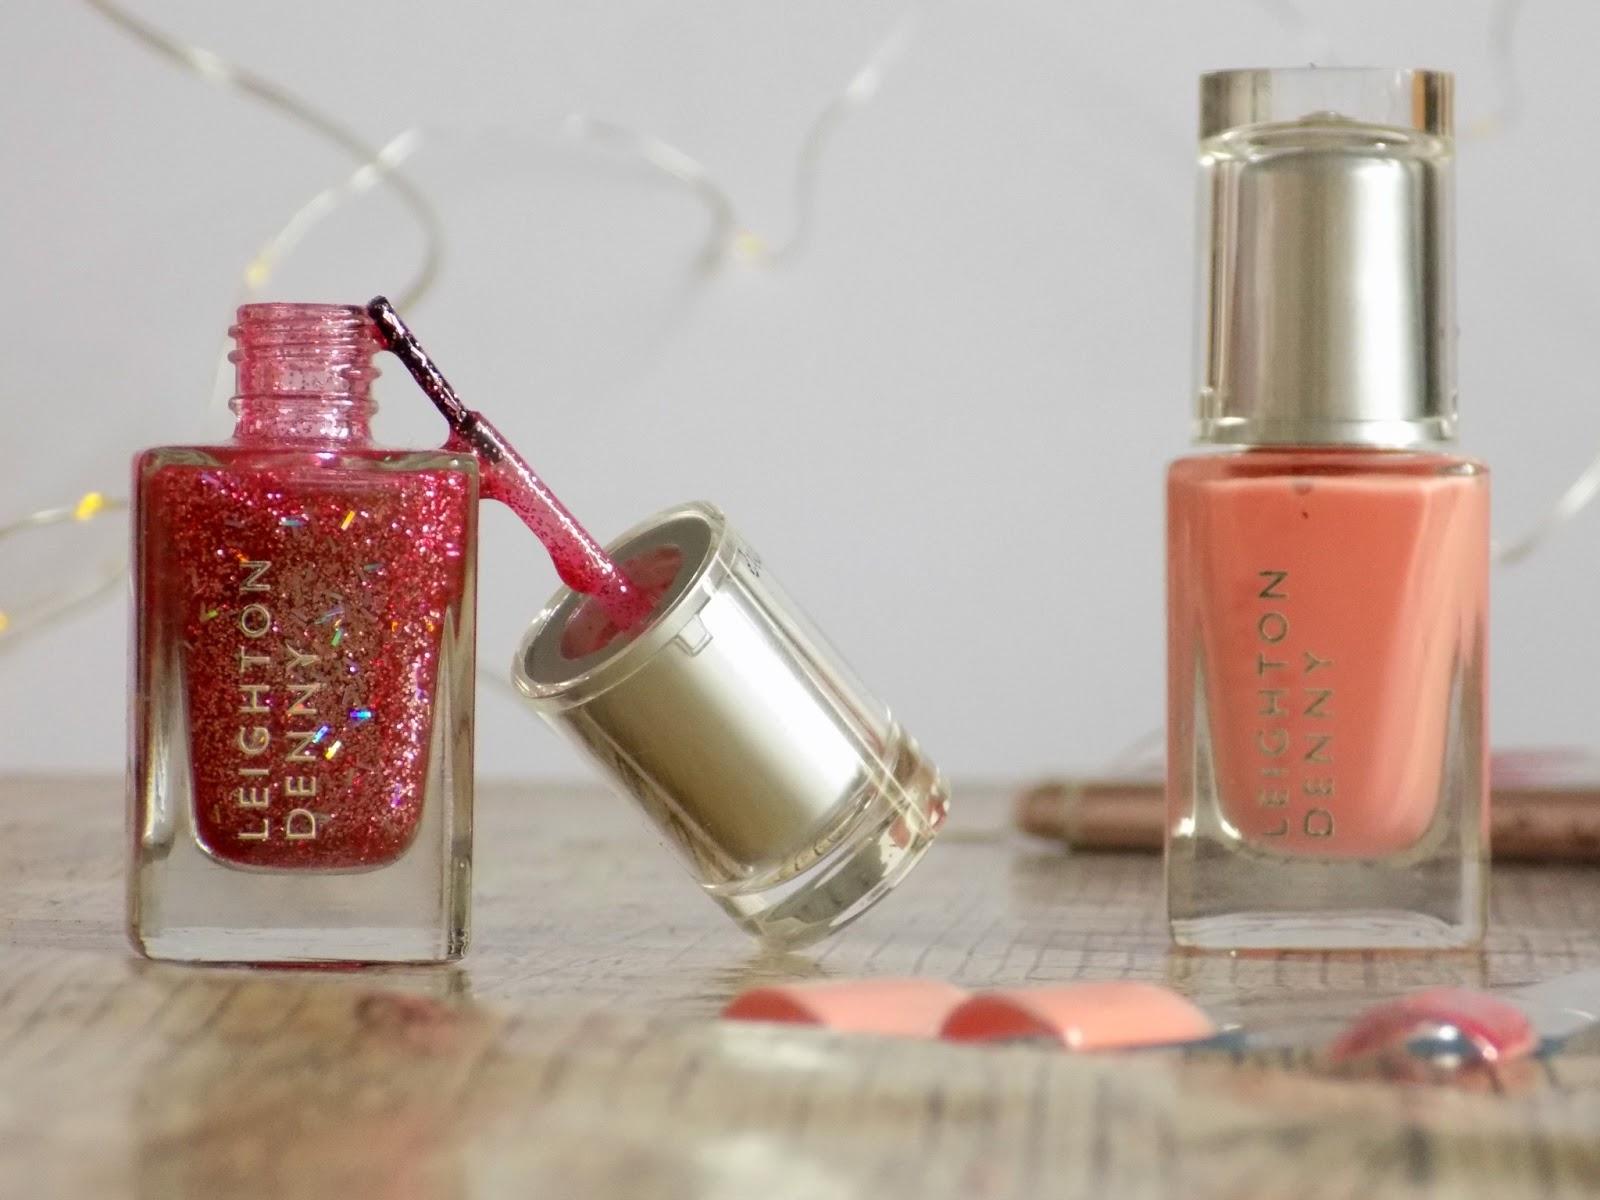 Leighton Denny Apricot blush & Strike a Pose nail polish review